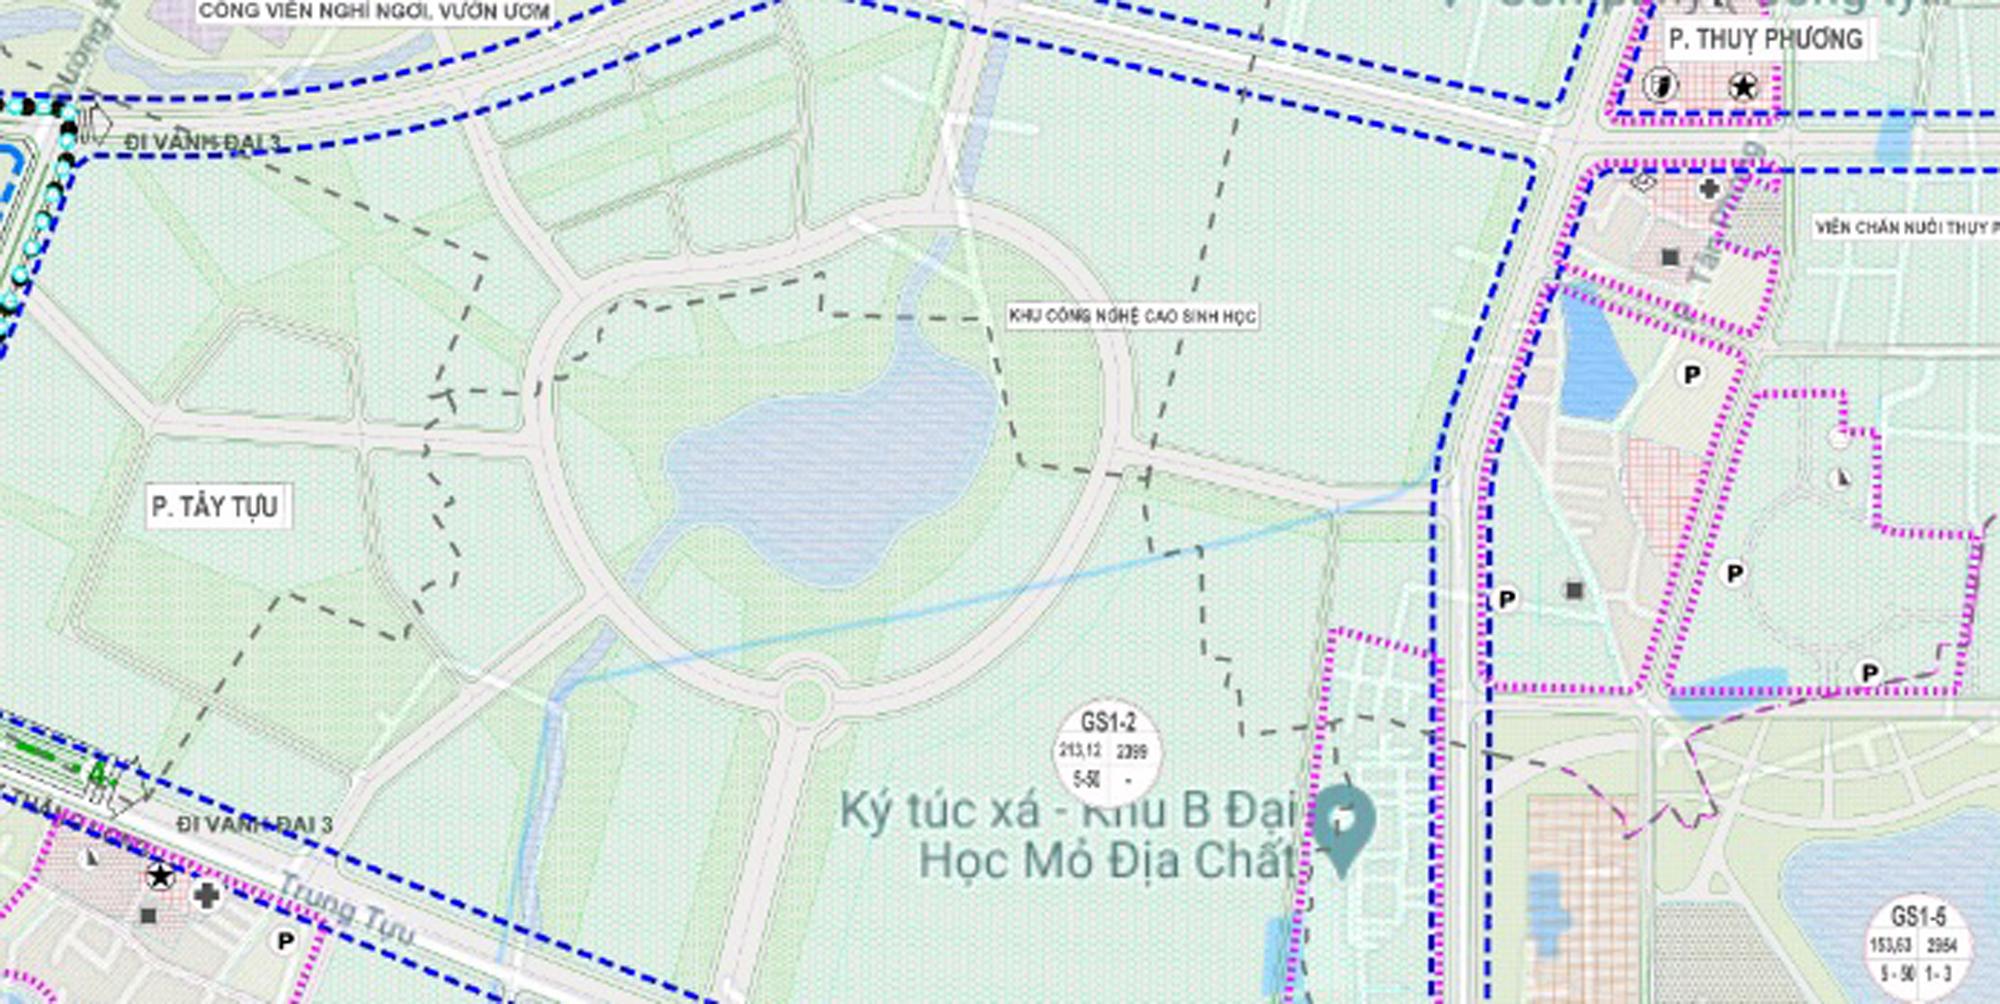 Những mảnh đất sẽ được đào hồ lớn ở quận Bắc Từ Liêm - Ảnh 8.